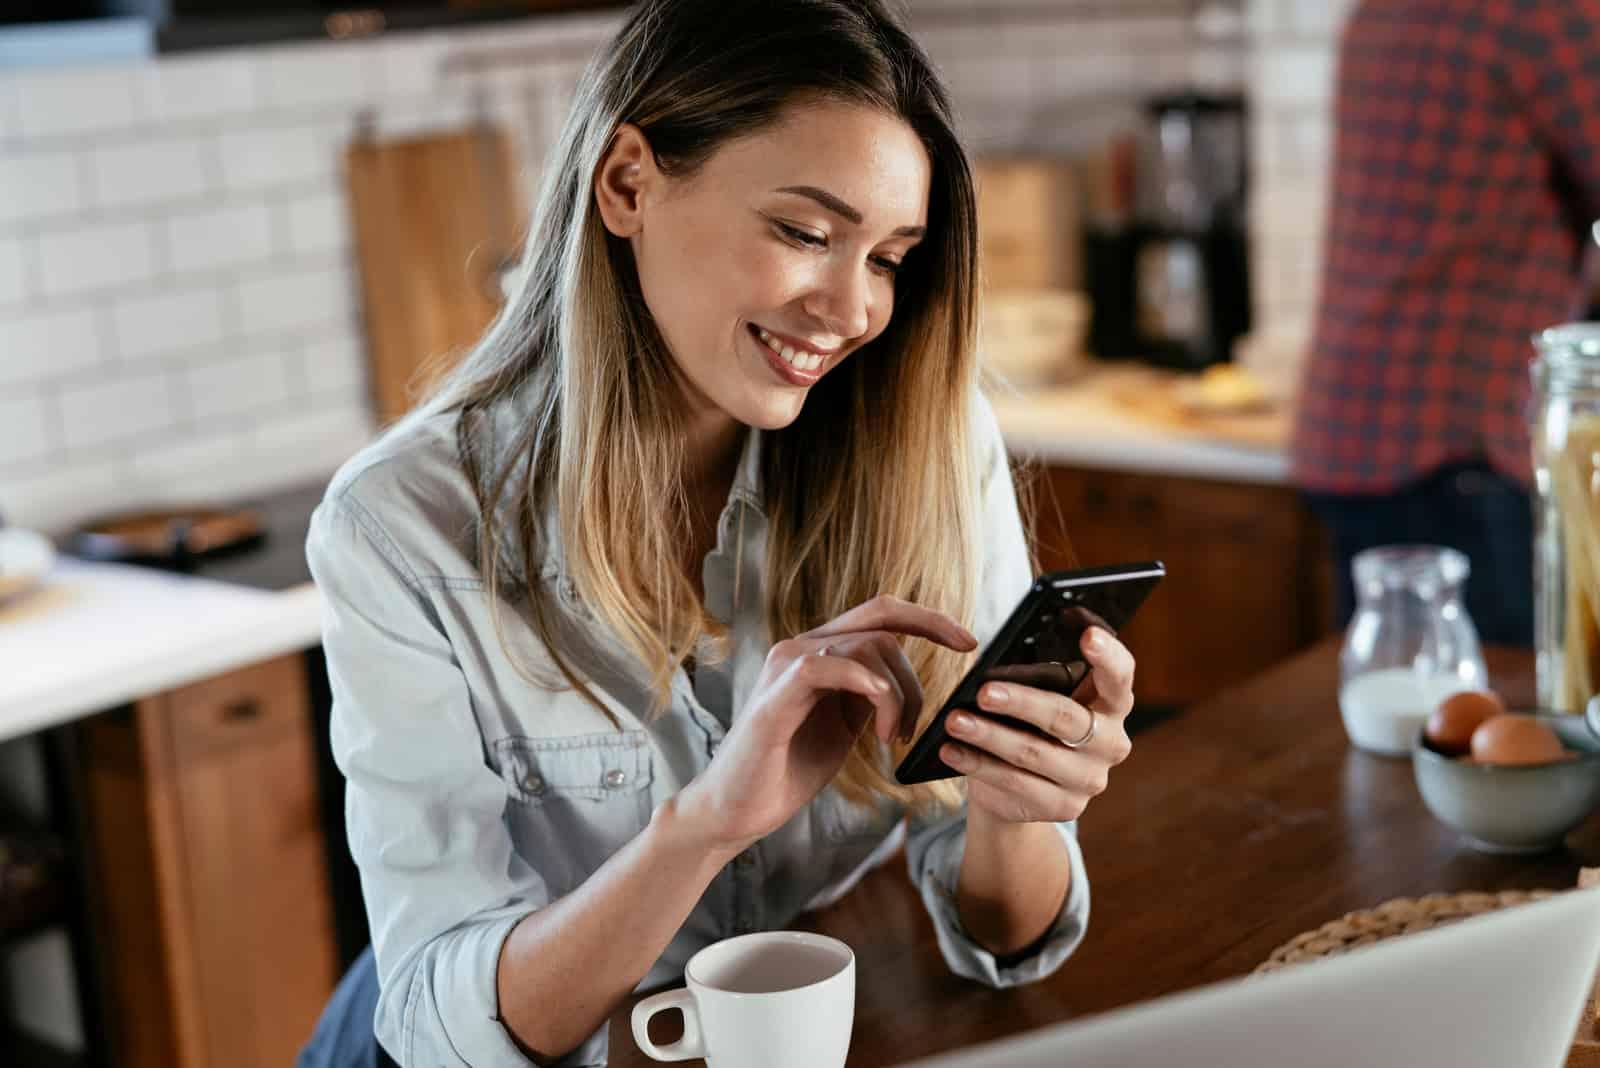 une femme aux longs cheveux blonds est assise et tape un téléphone